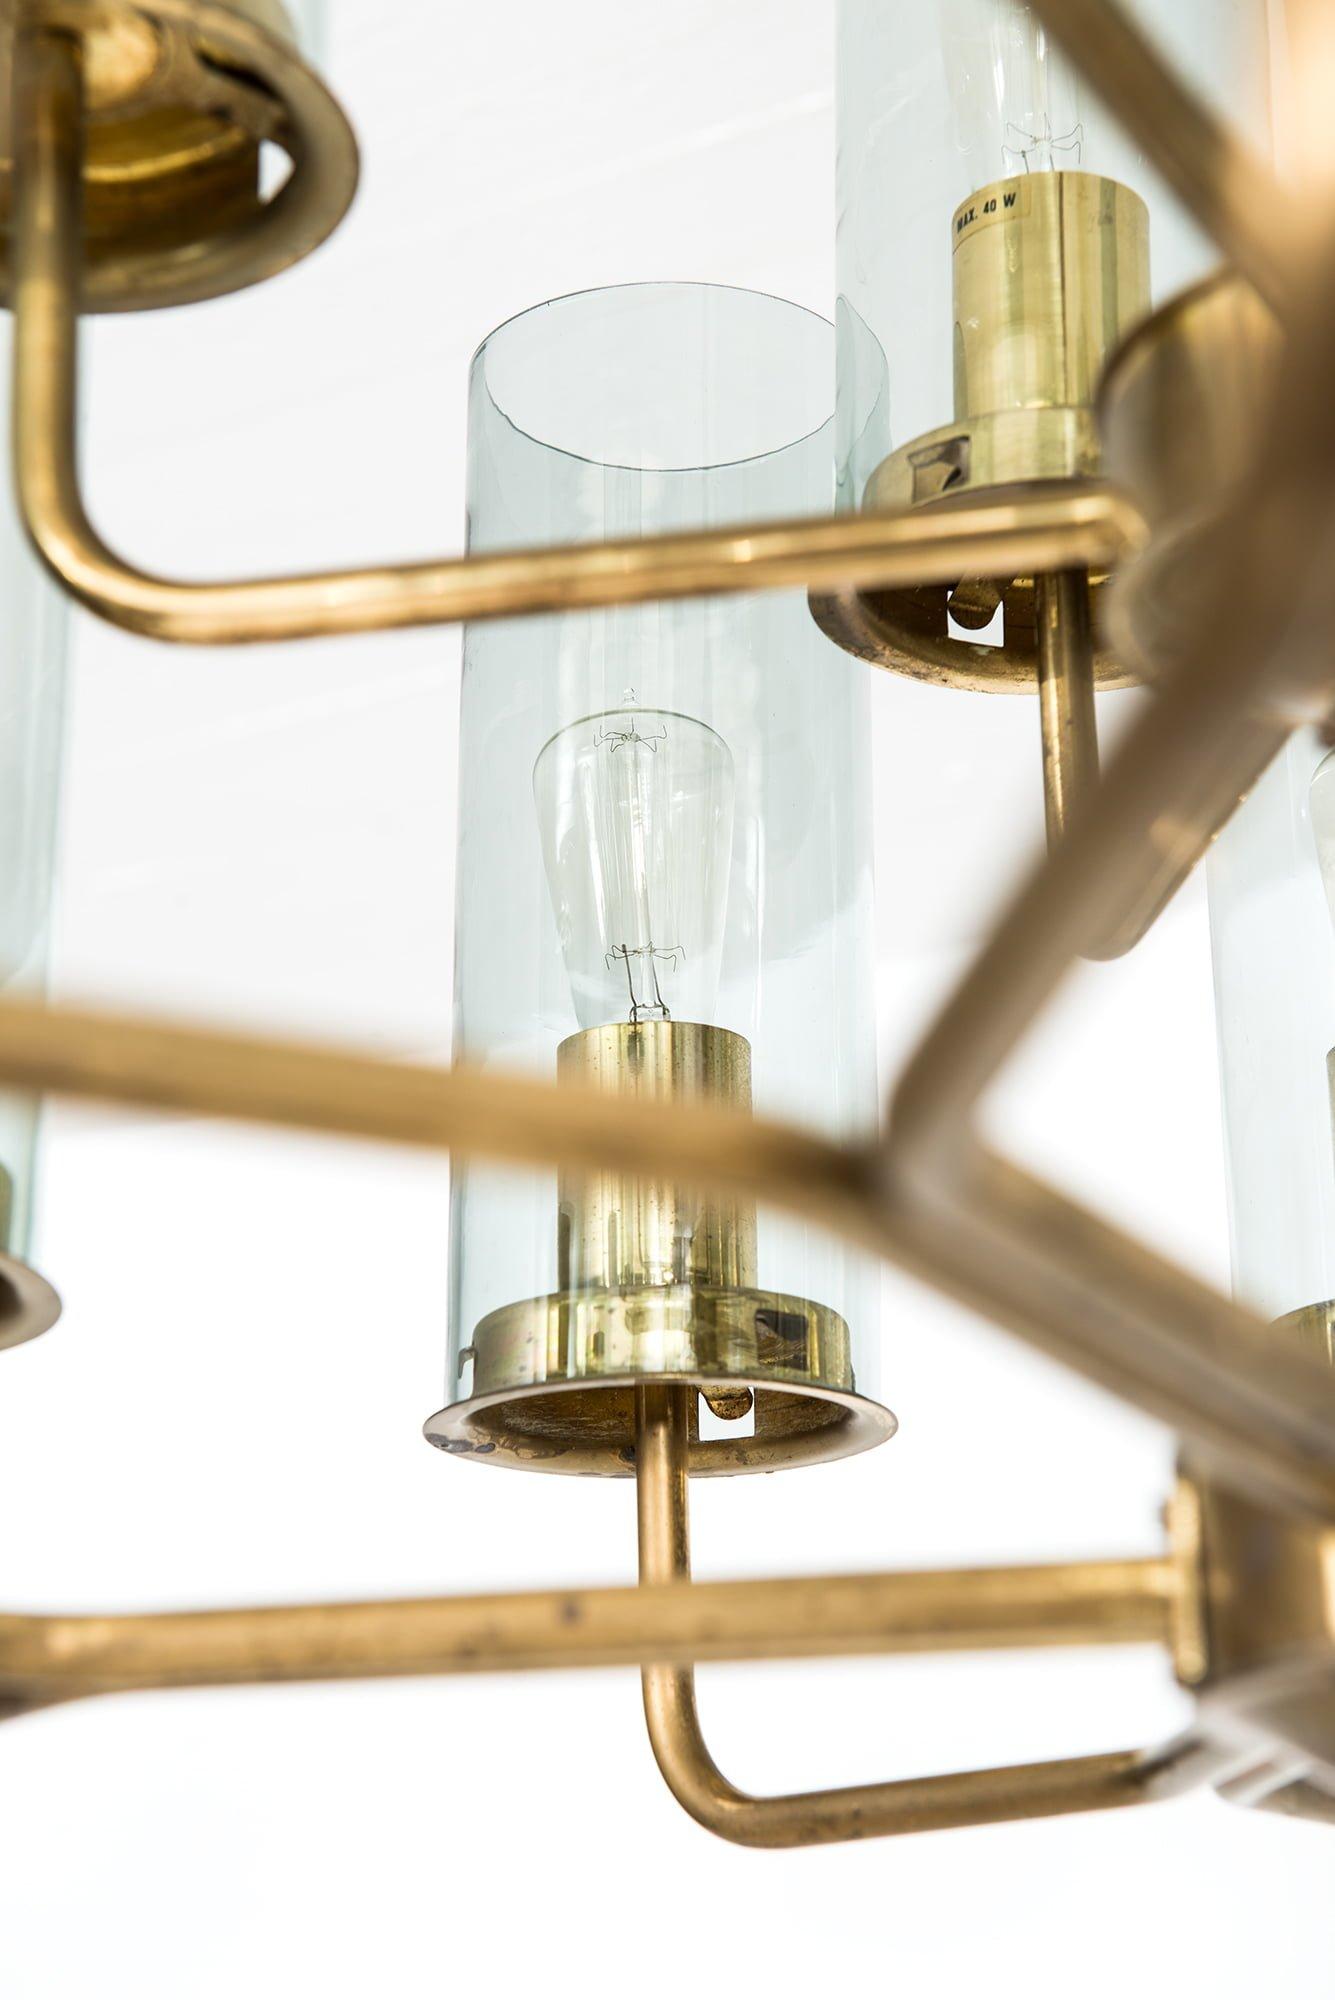 hans agne jakobsson ceiling lamps studio schalling. Black Bedroom Furniture Sets. Home Design Ideas